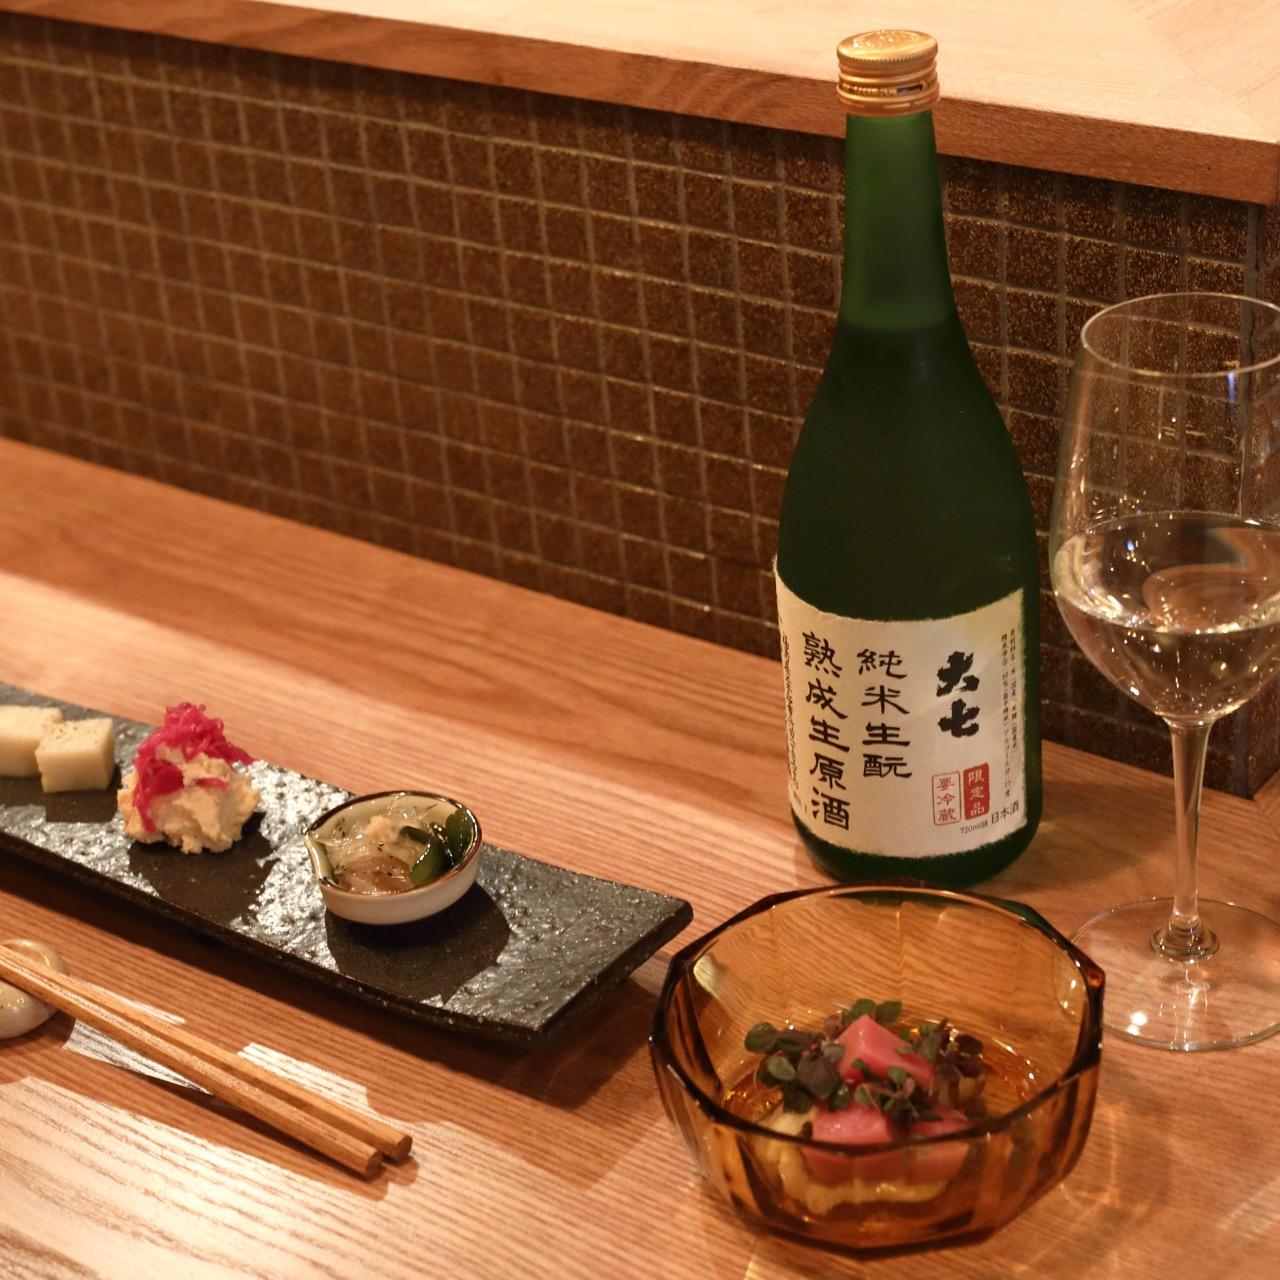 AIが選んだ日本酒と和食を組み合わせたところ、衝撃のハーモニーが訪れた